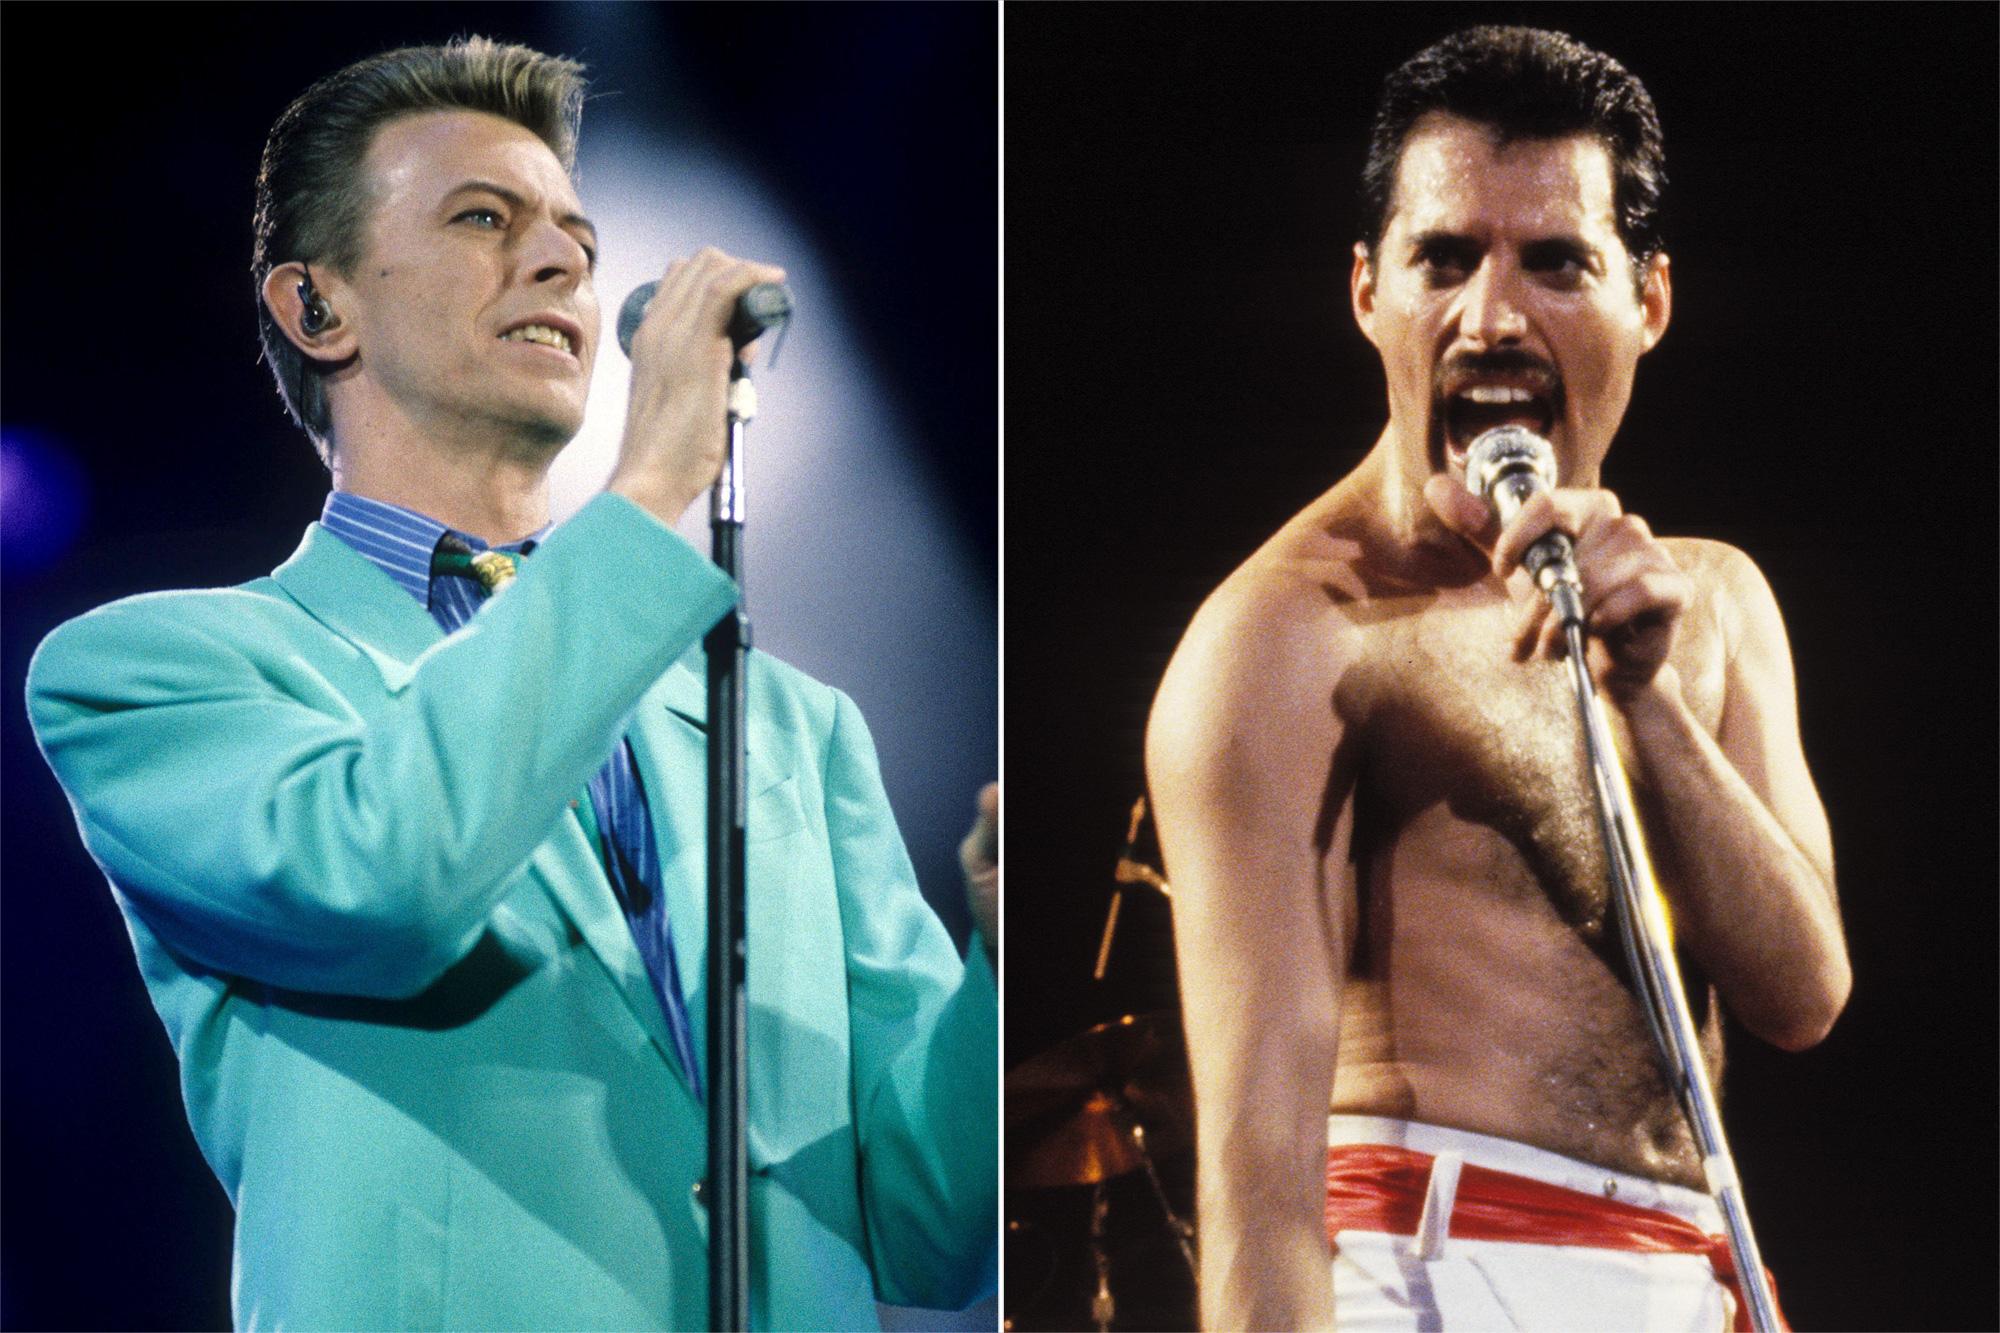 David Bowie, Freddie Mercury